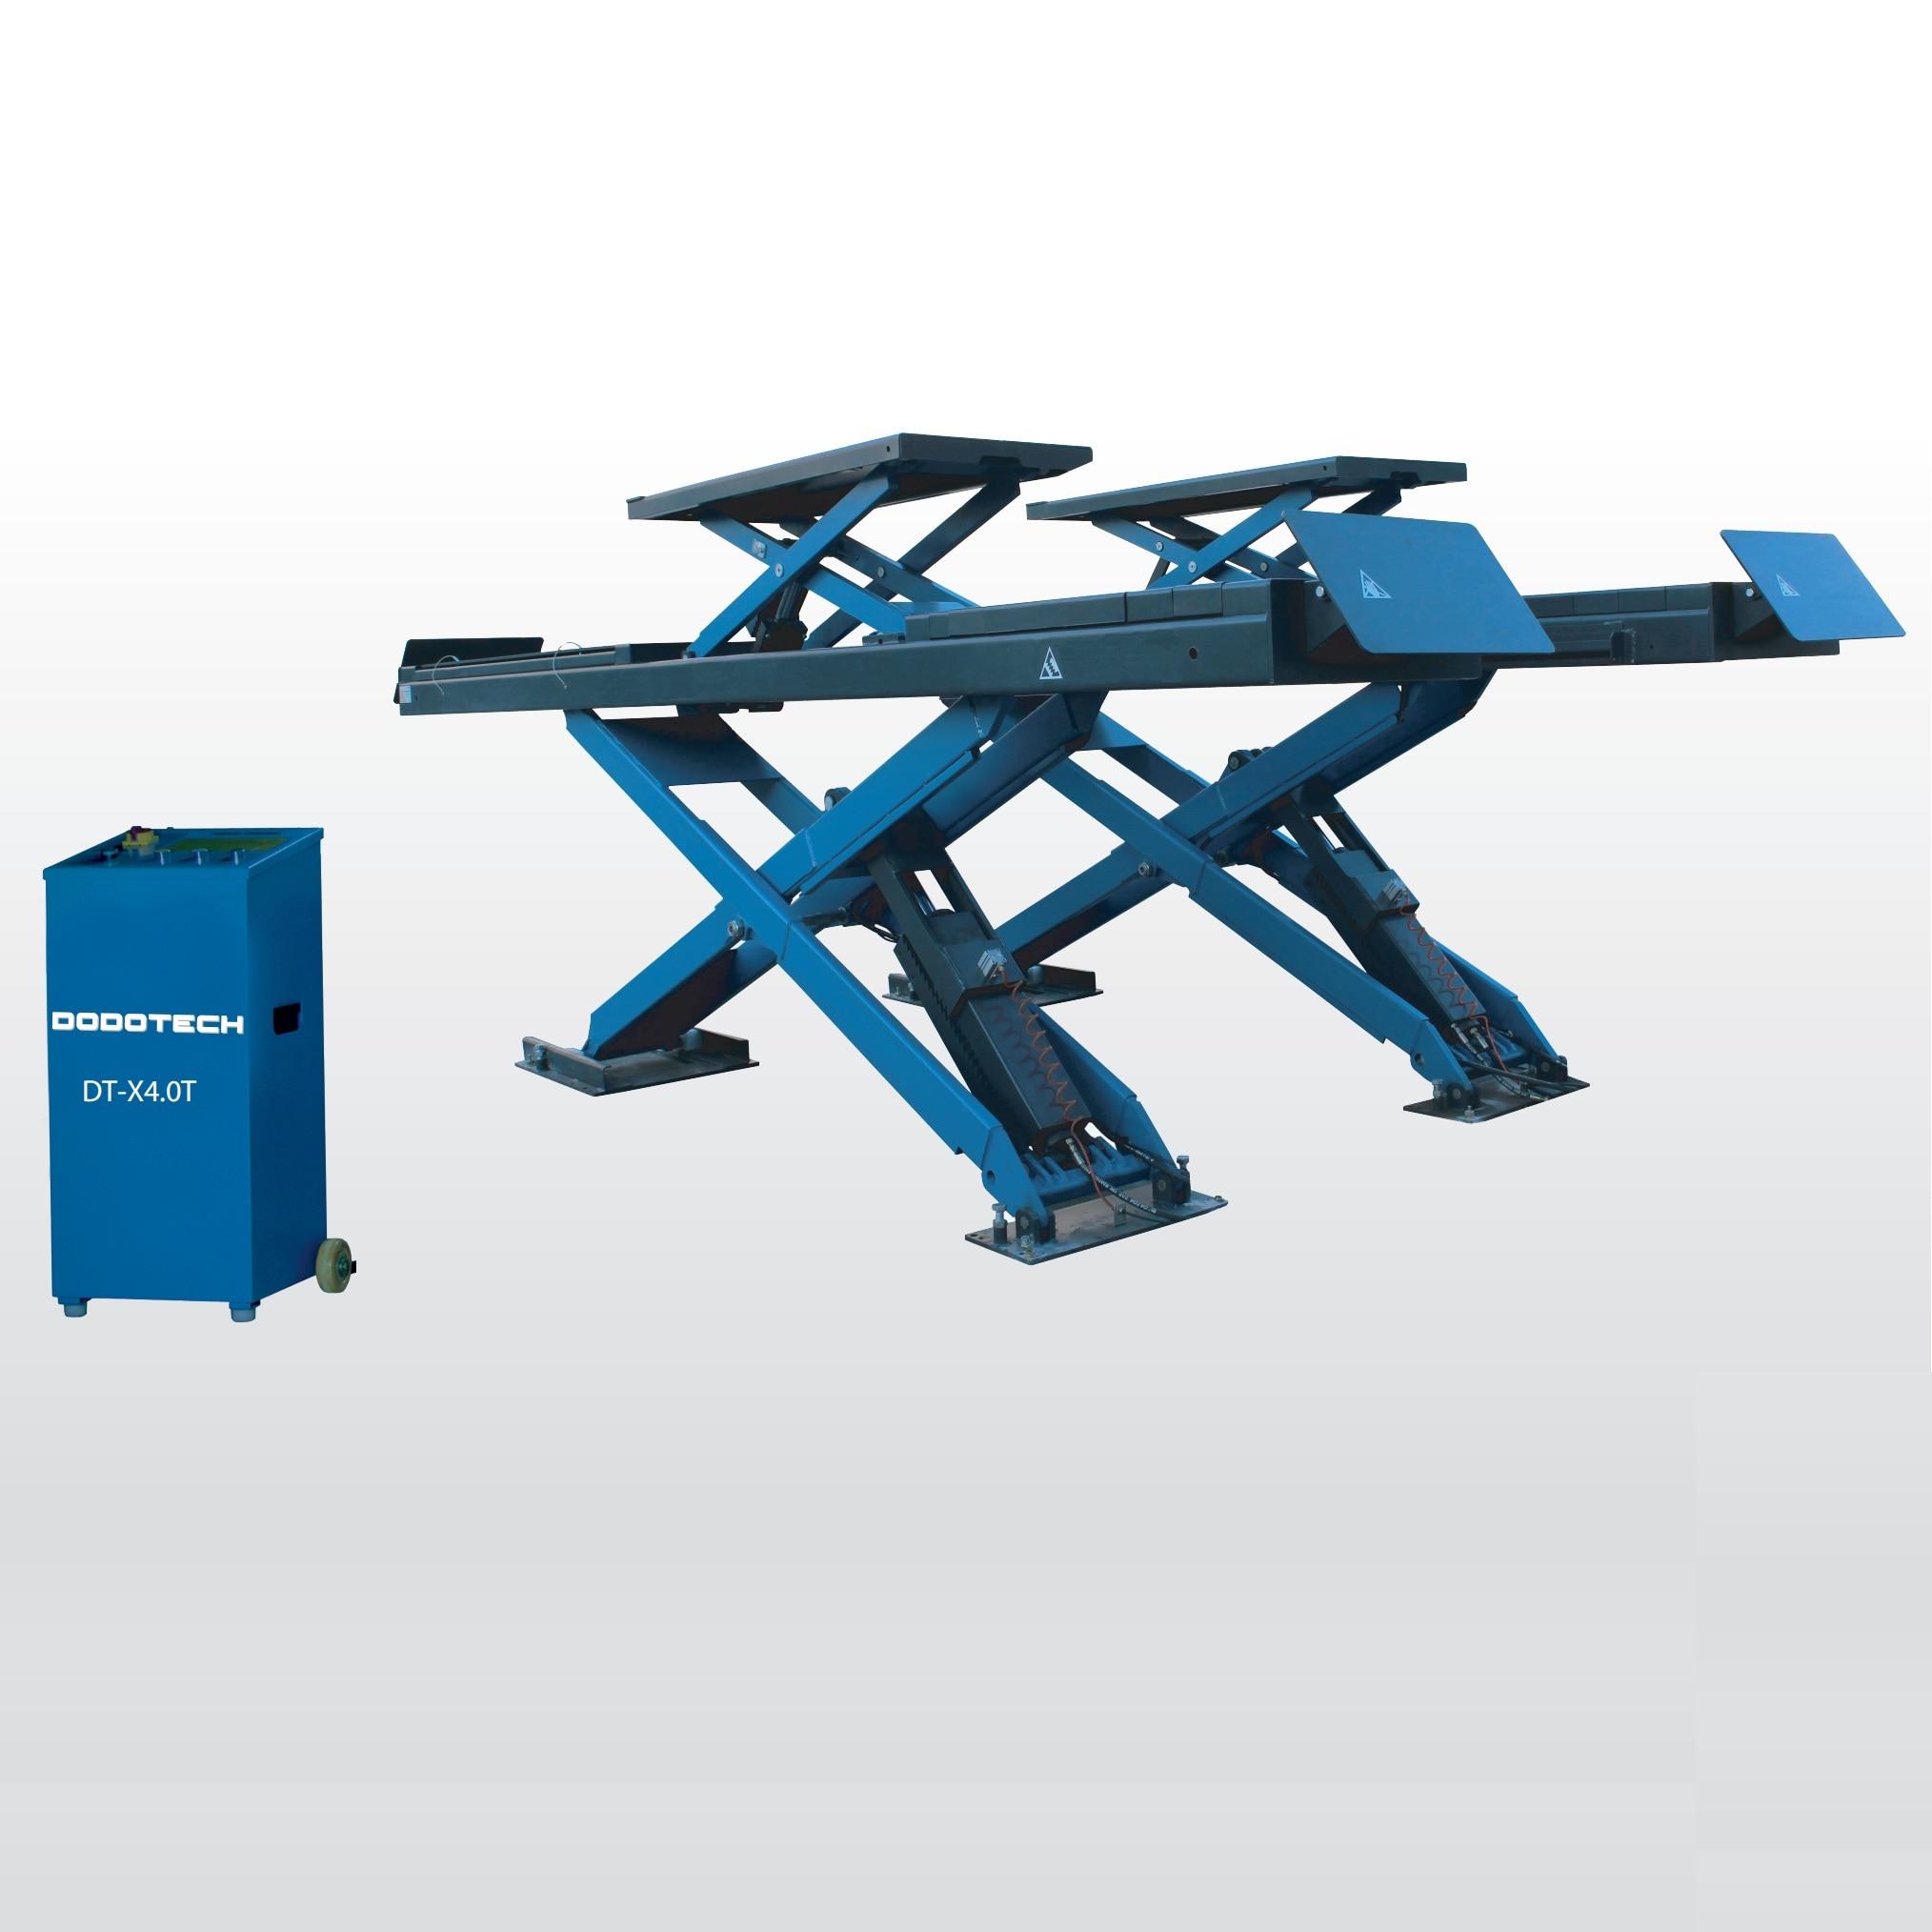 Elevador de Tijera para coche, alineación de elevación automática, plataforma de elevación media, rampa, herramienta de garaje, equipo de reparación de automóviles, máquina de elevador de vehículos